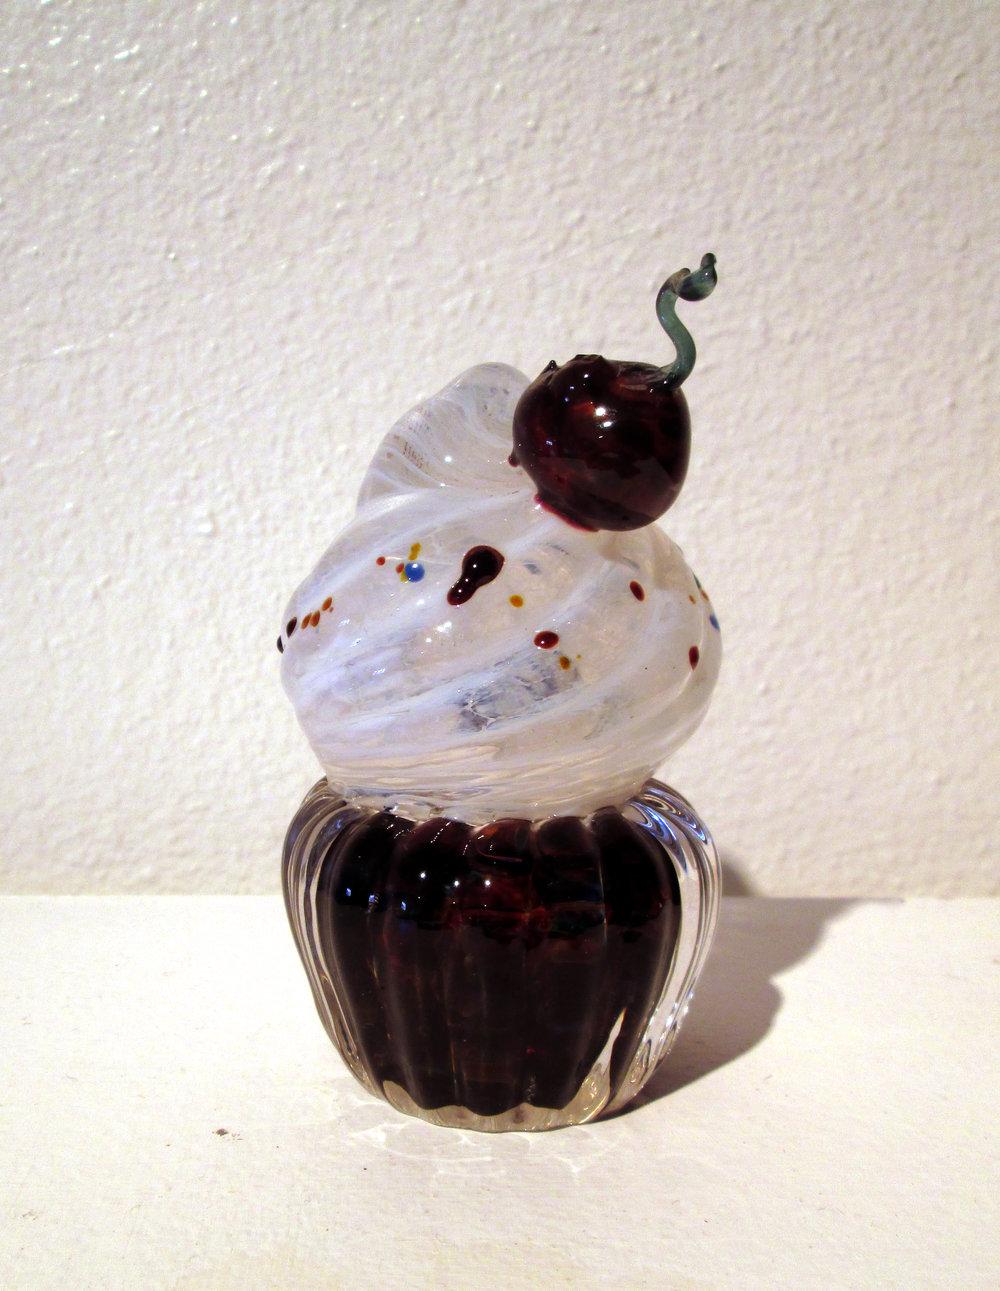 Hot sculpted cupcake.